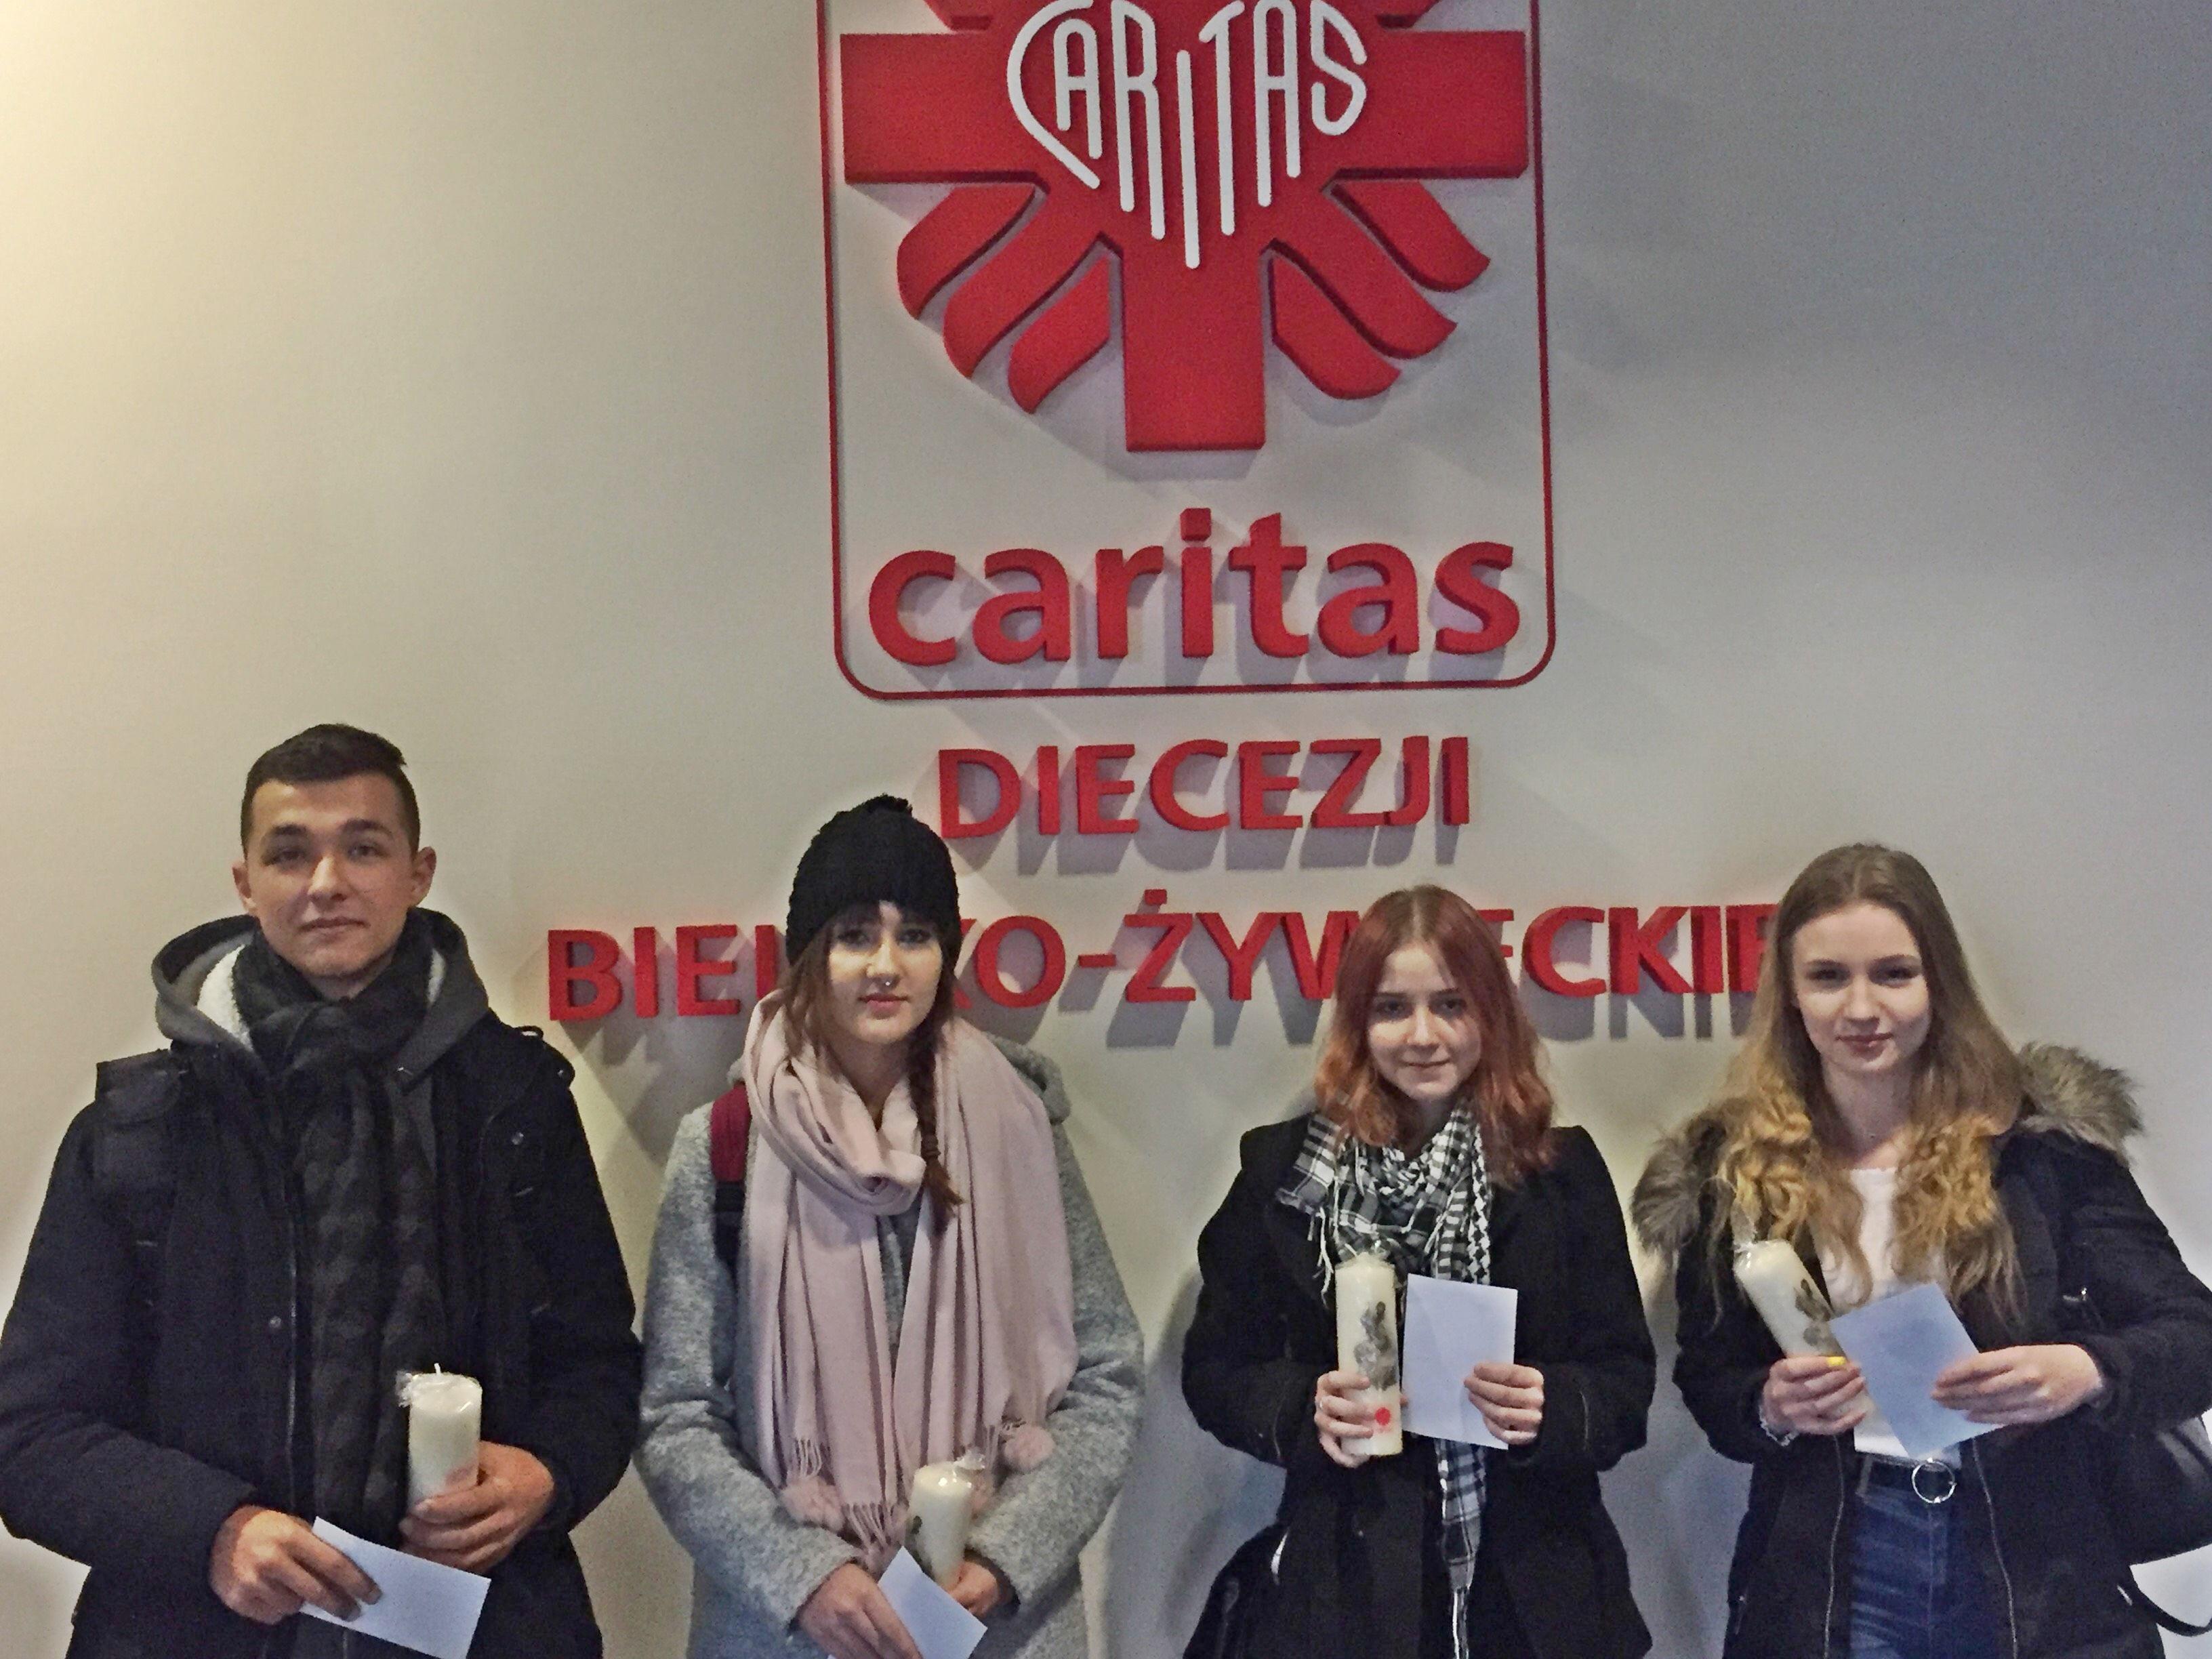 Sukcesy uczniów z Andrychowa w konkursach zorganizowanych przez Caritas Diecezji Bielsko-Żywieckiej